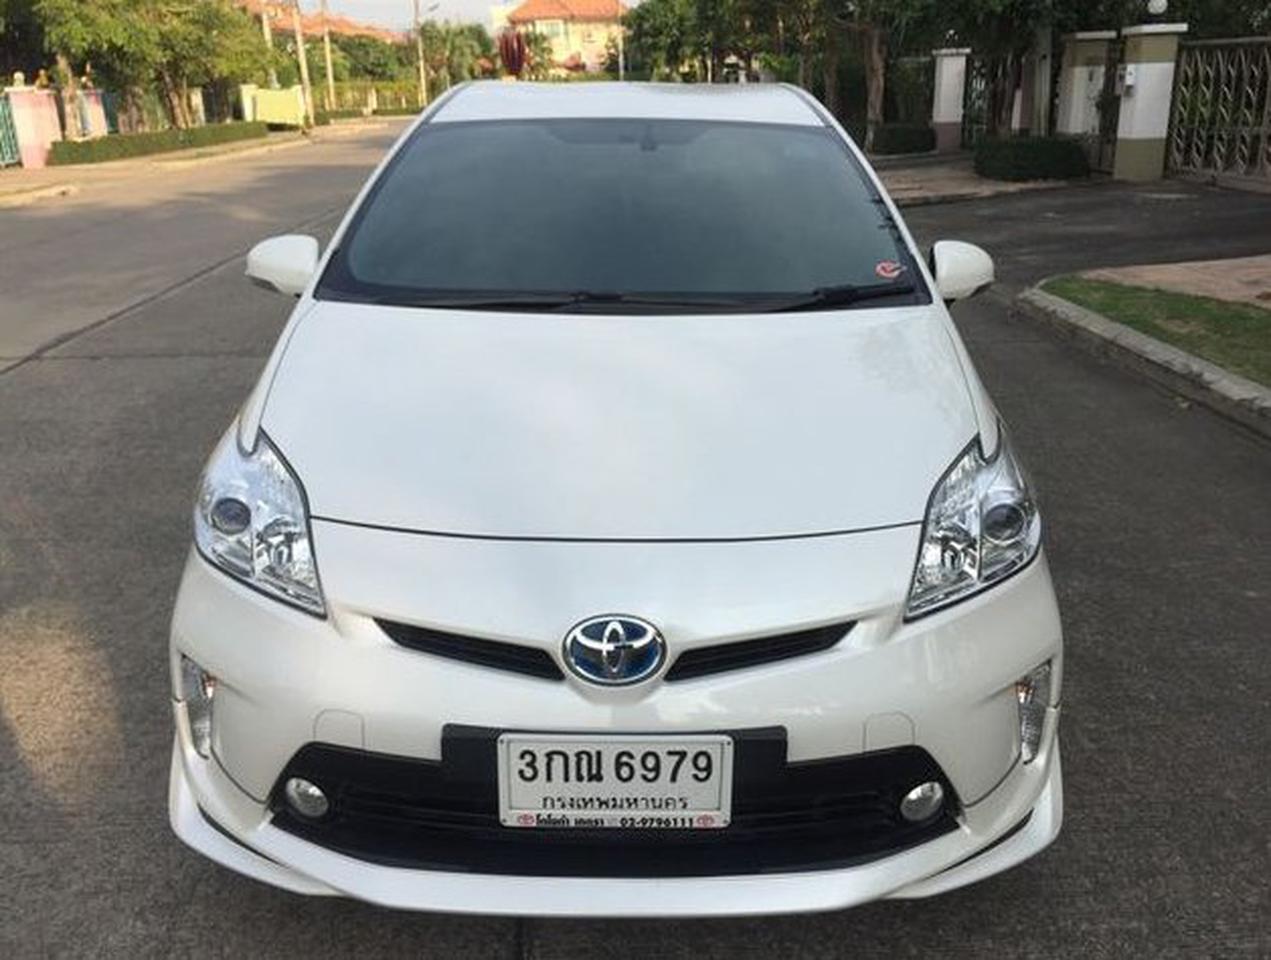 ขายรถยนต์ Toyota Prius ลำลูกกา ปทุมธานี รูปที่ 3